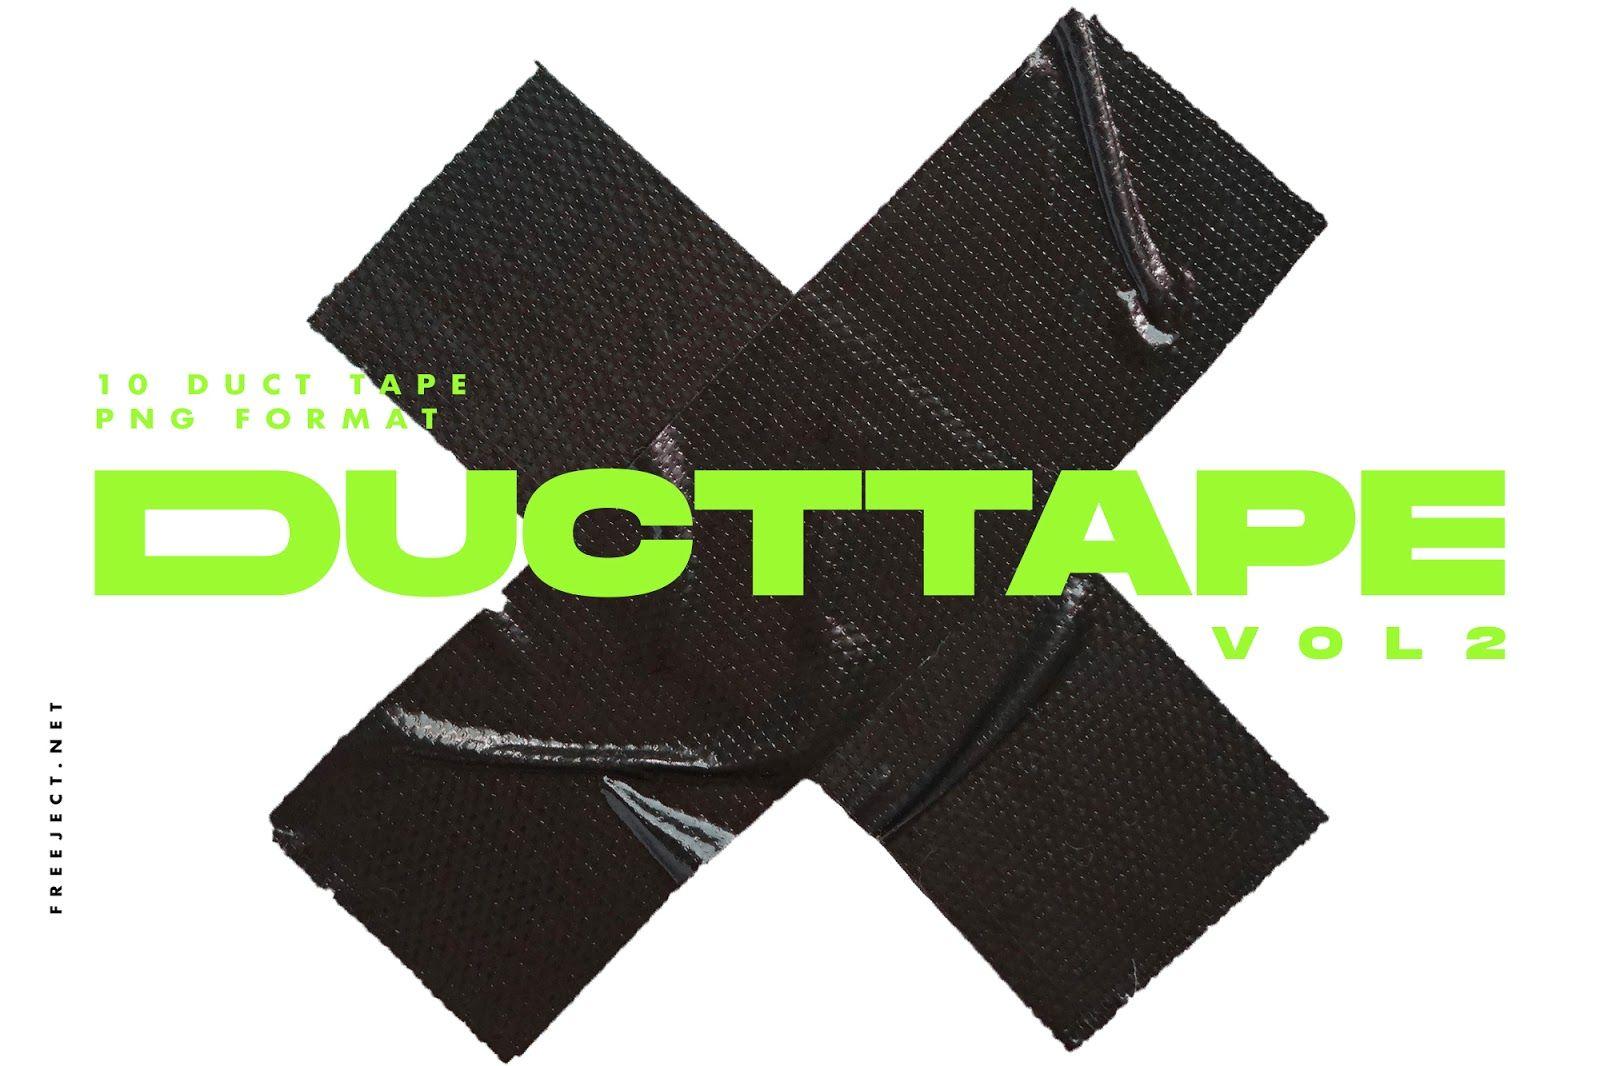 Free Download Duct Tape V2 Transparent Background Png File Duct Tape Free Download Photoshop Overlays Transparent